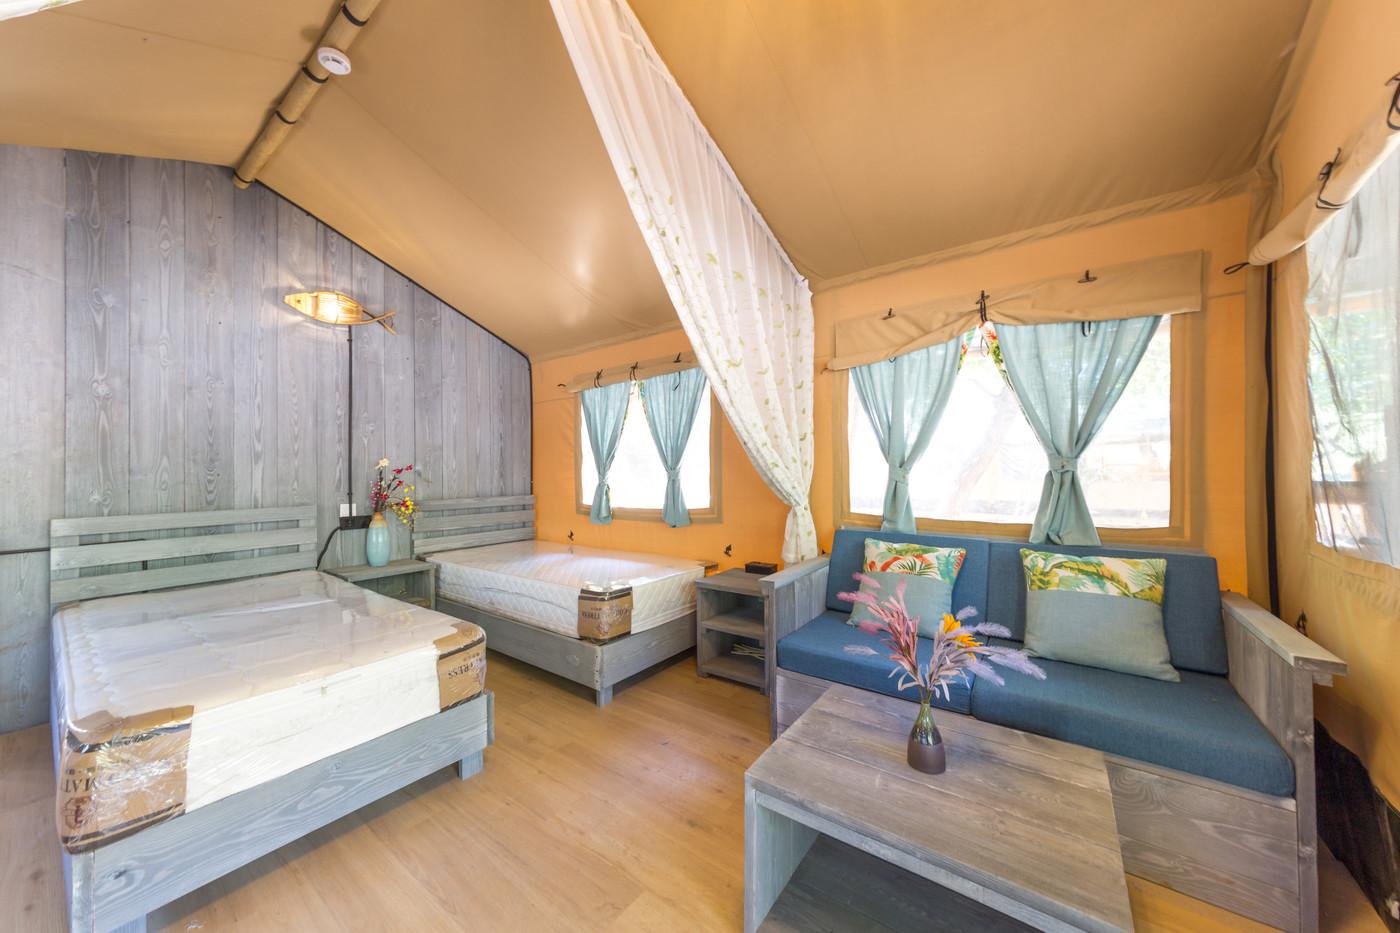 喜马拉雅野奢帐篷酒店一北京石头 剪刀 布一私享院子 54平山谷型  33